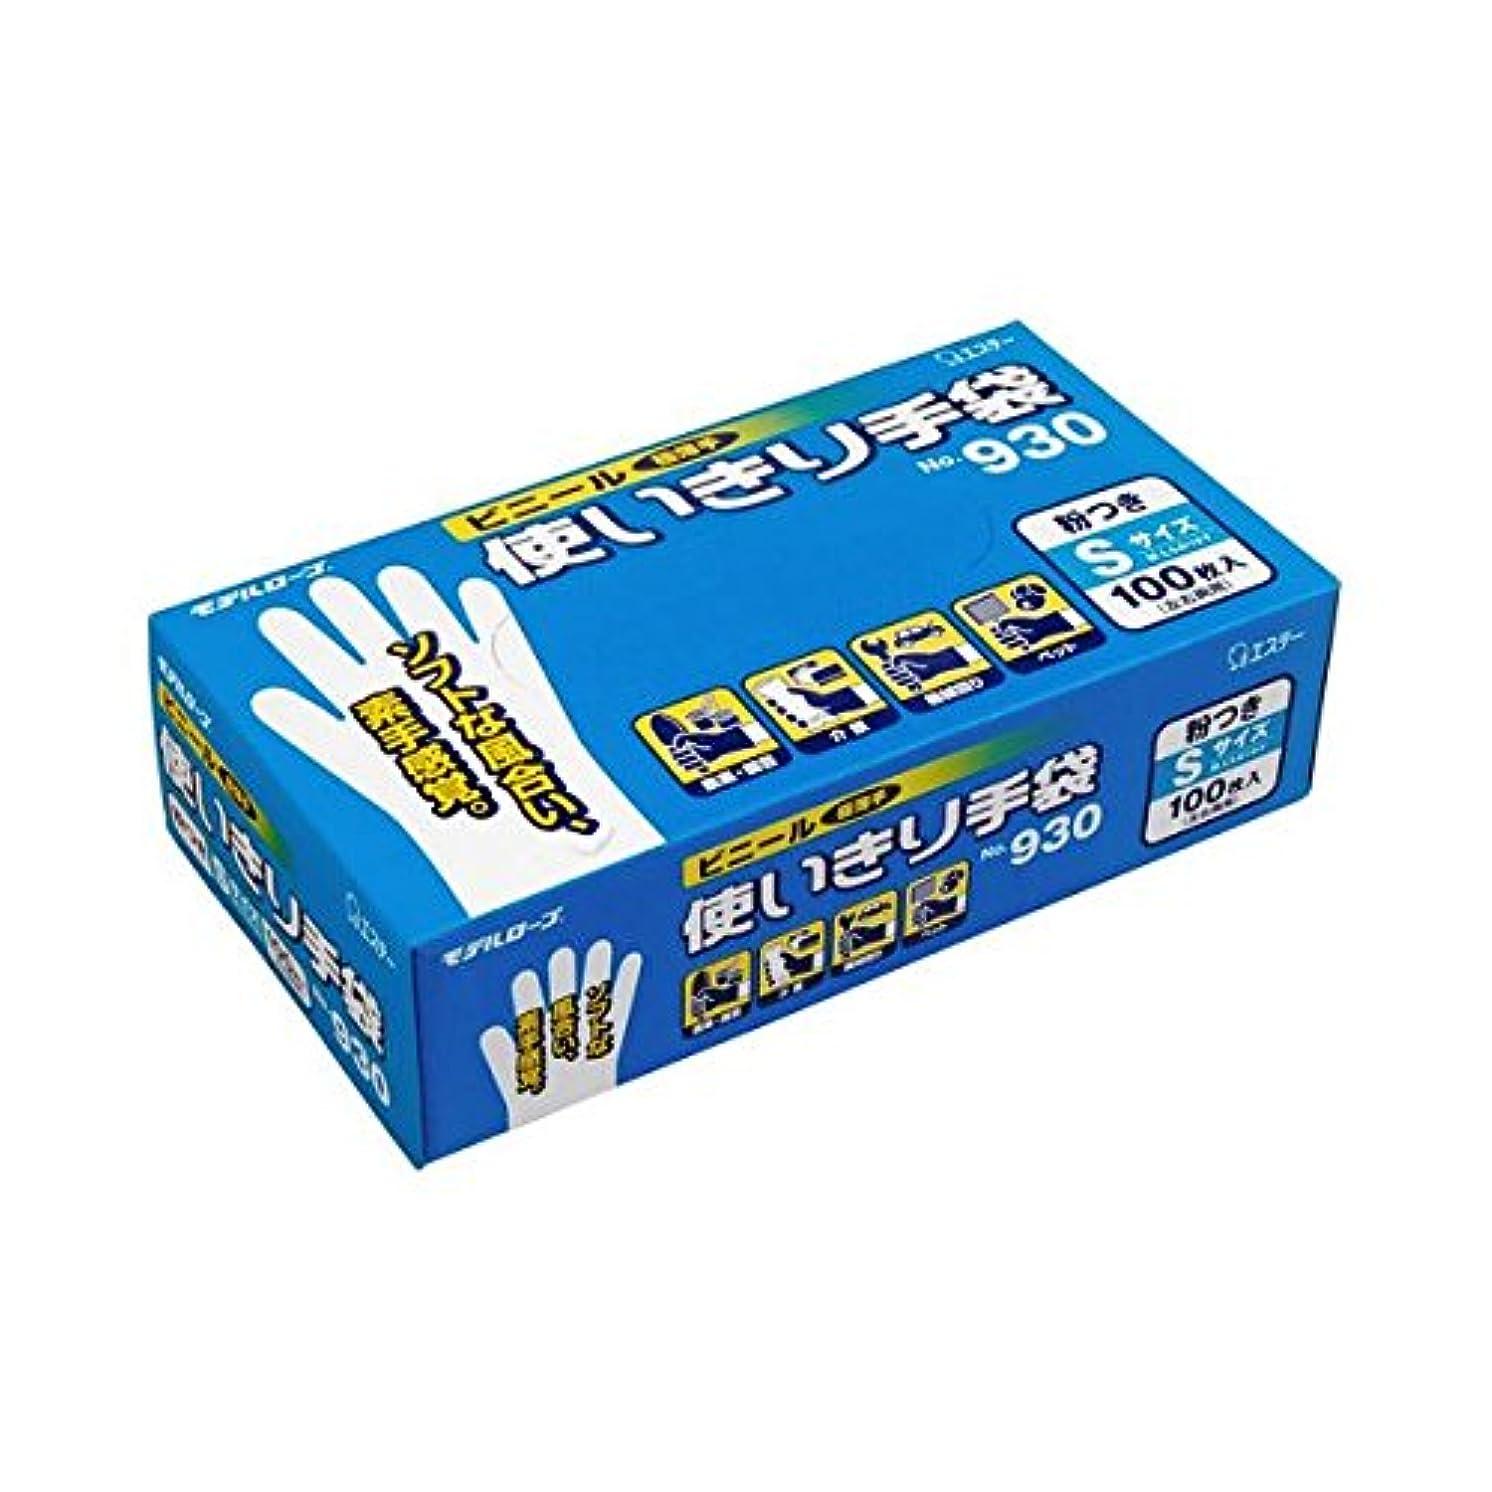 主婦前任者インターネットエステー No.930 ビニール使いきり手袋(粉付) S 1箱(100枚) (×5セット)